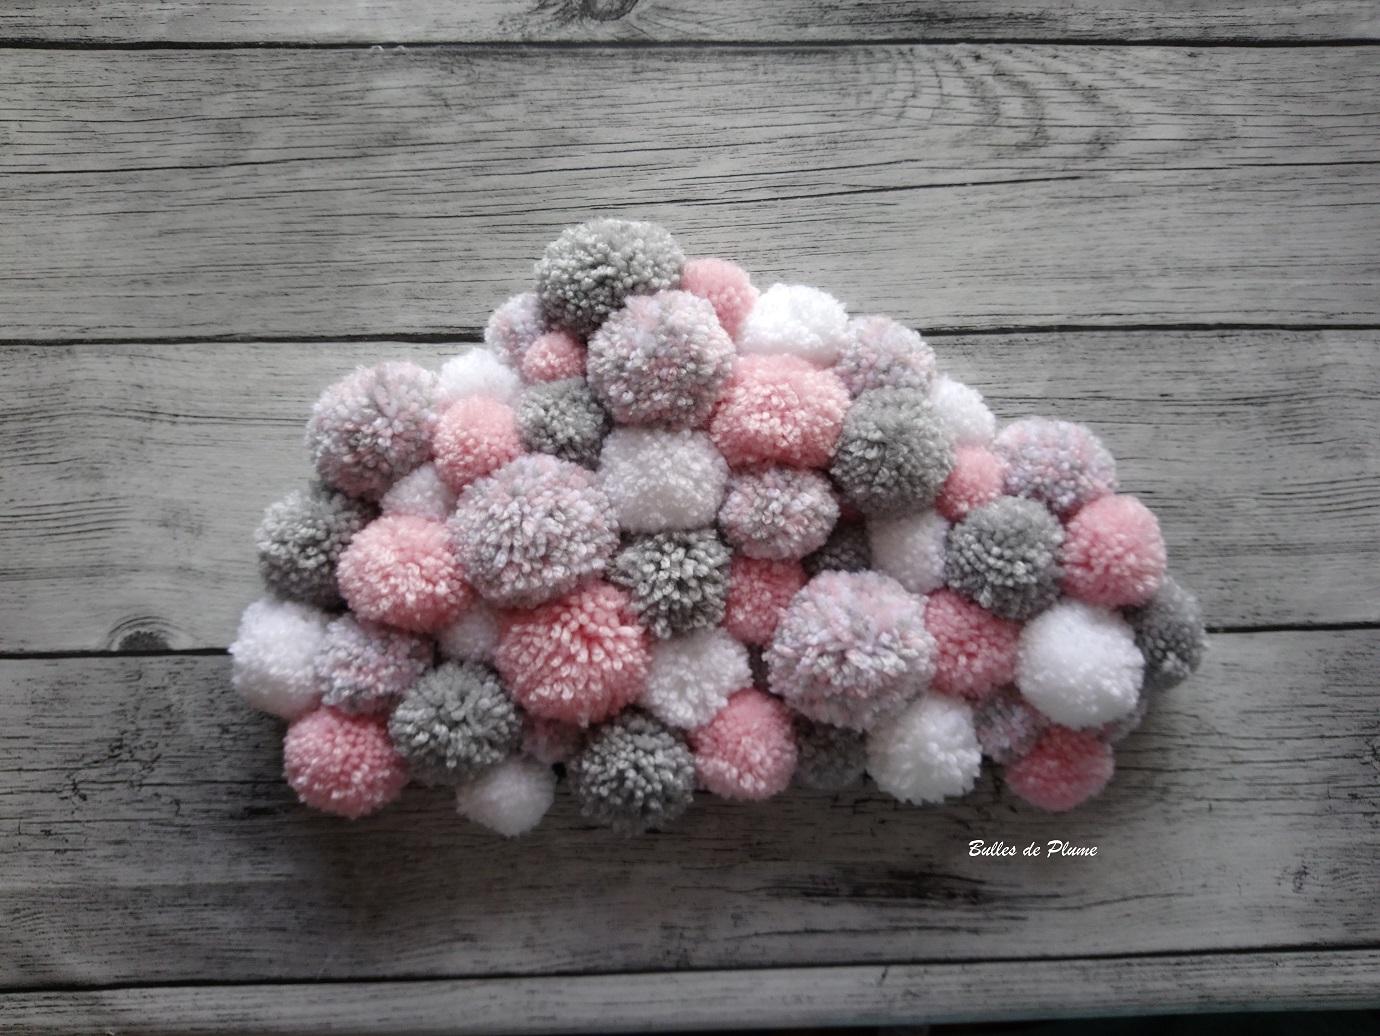 bulles de plume diy nuage pompons